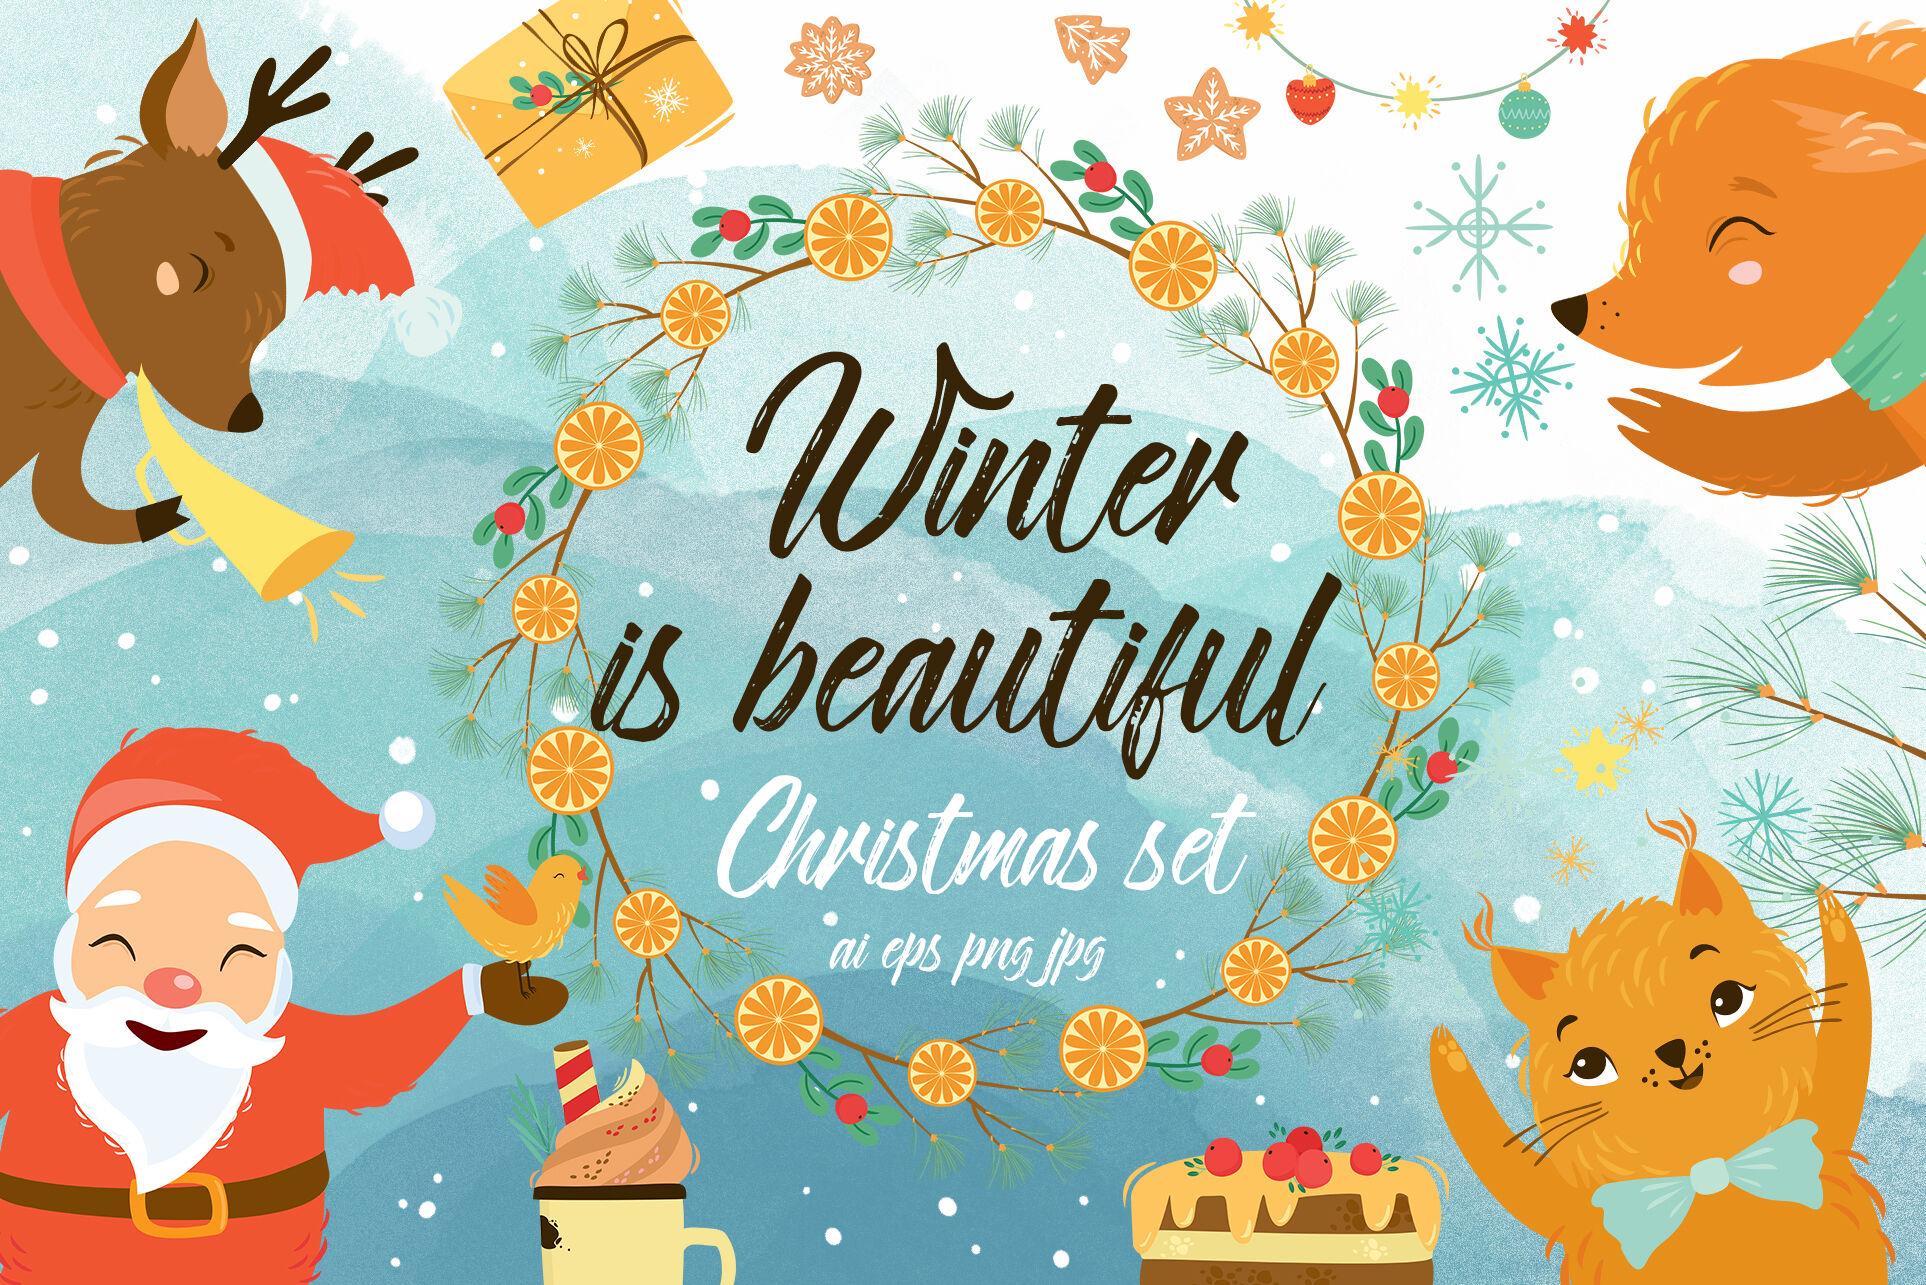 Winter Christmas Set With Santa Svg Ai Eps Png By Lesya Skripak